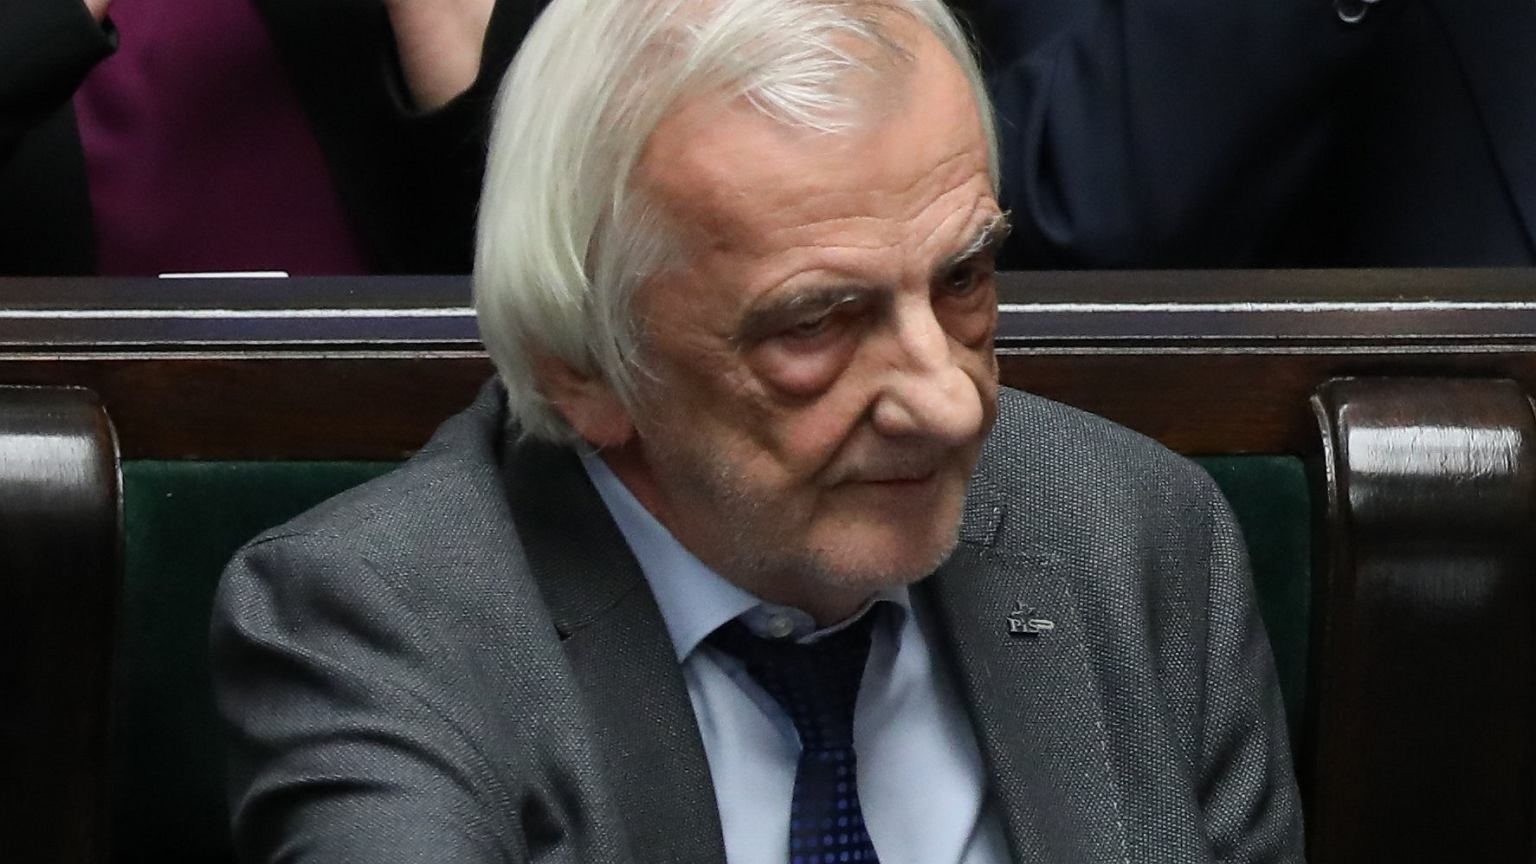 Ryszard Terlecki: Trudno powiedzieć, co dzieje się w głowie byłego premiera Gowina